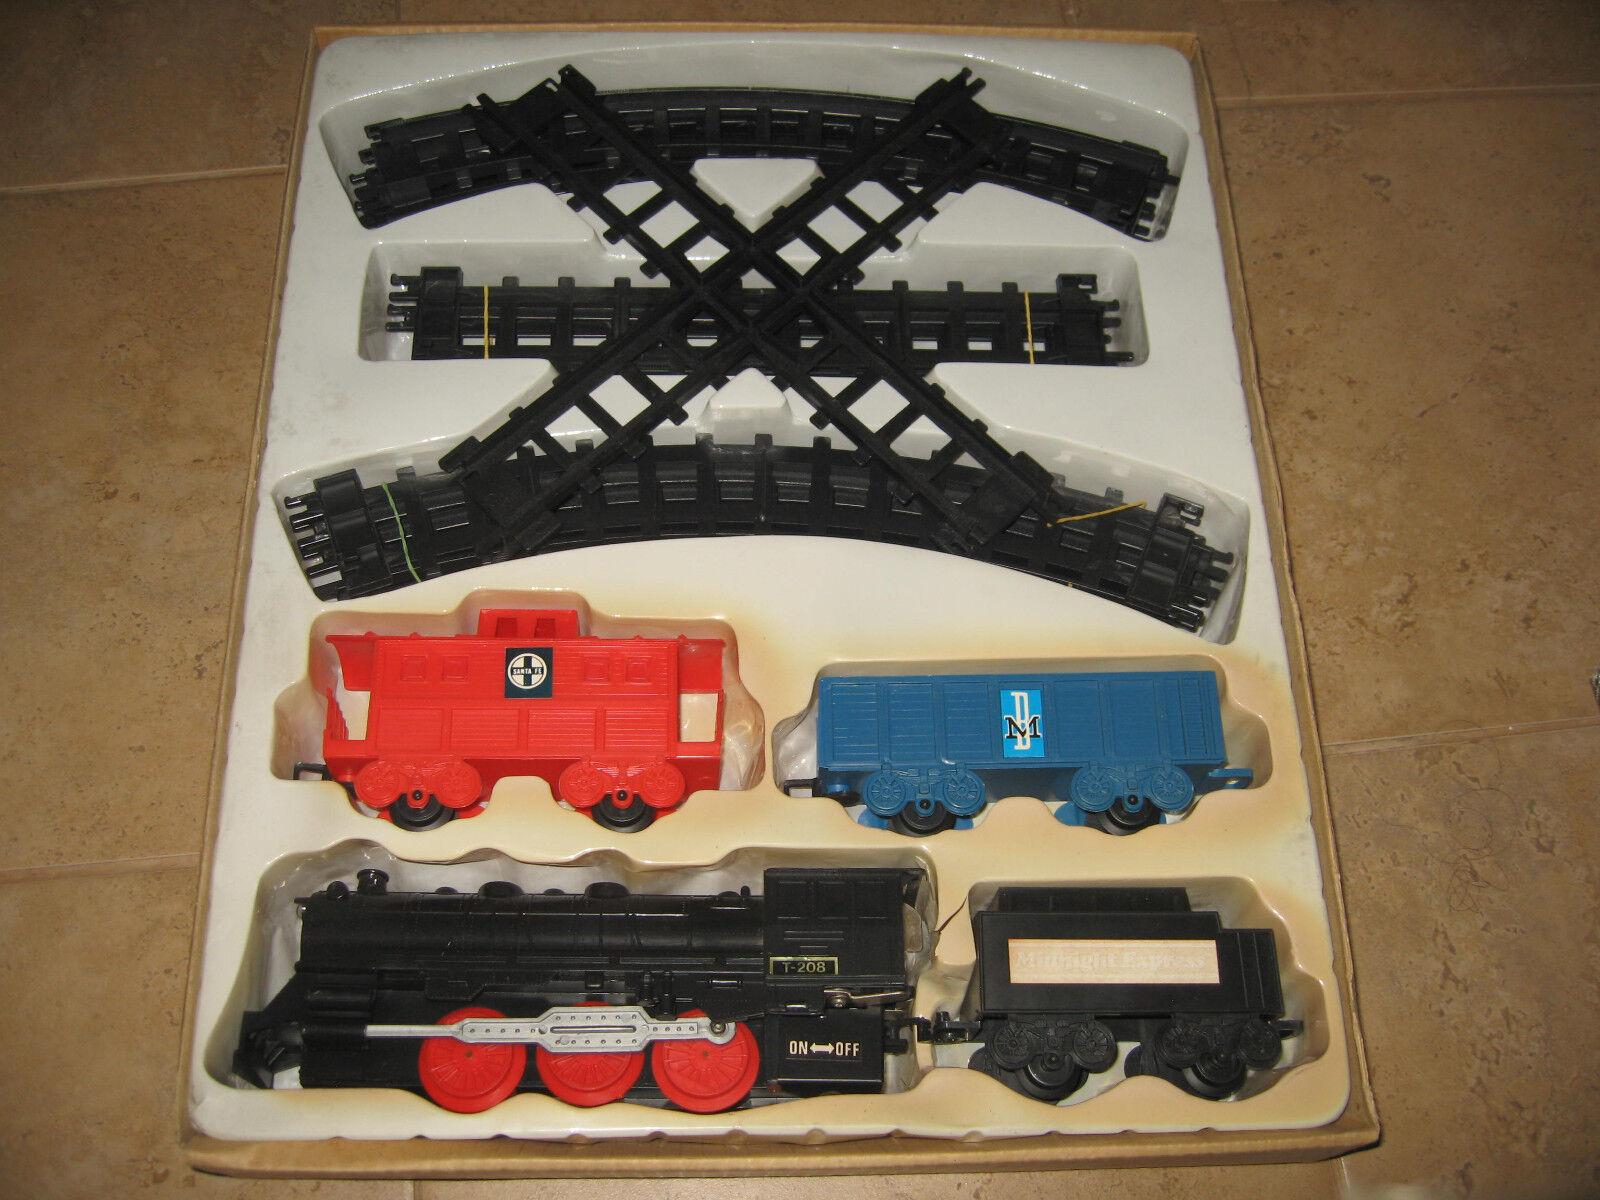 Enastående {65533; 65533;; Continental Train roach 65533;65533; gjort av Kamco Herregud Batteriet fungerar